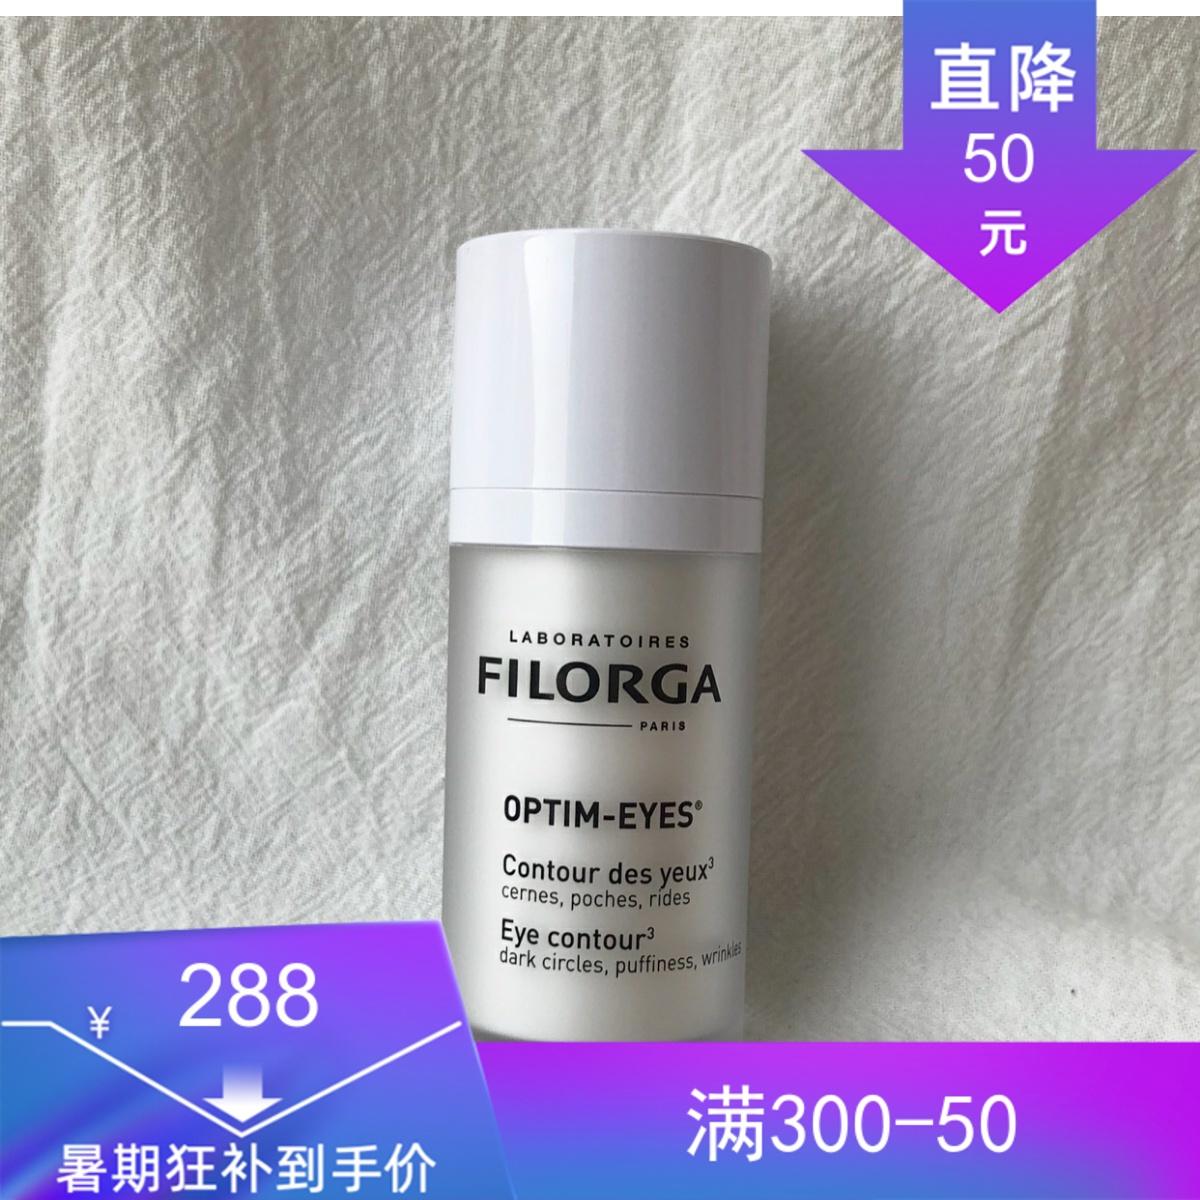 品牌授权现货!filorga菲洛嘉360雕塑眼霜紧致淡化黑眼圈眼霜15ml券后338.00元